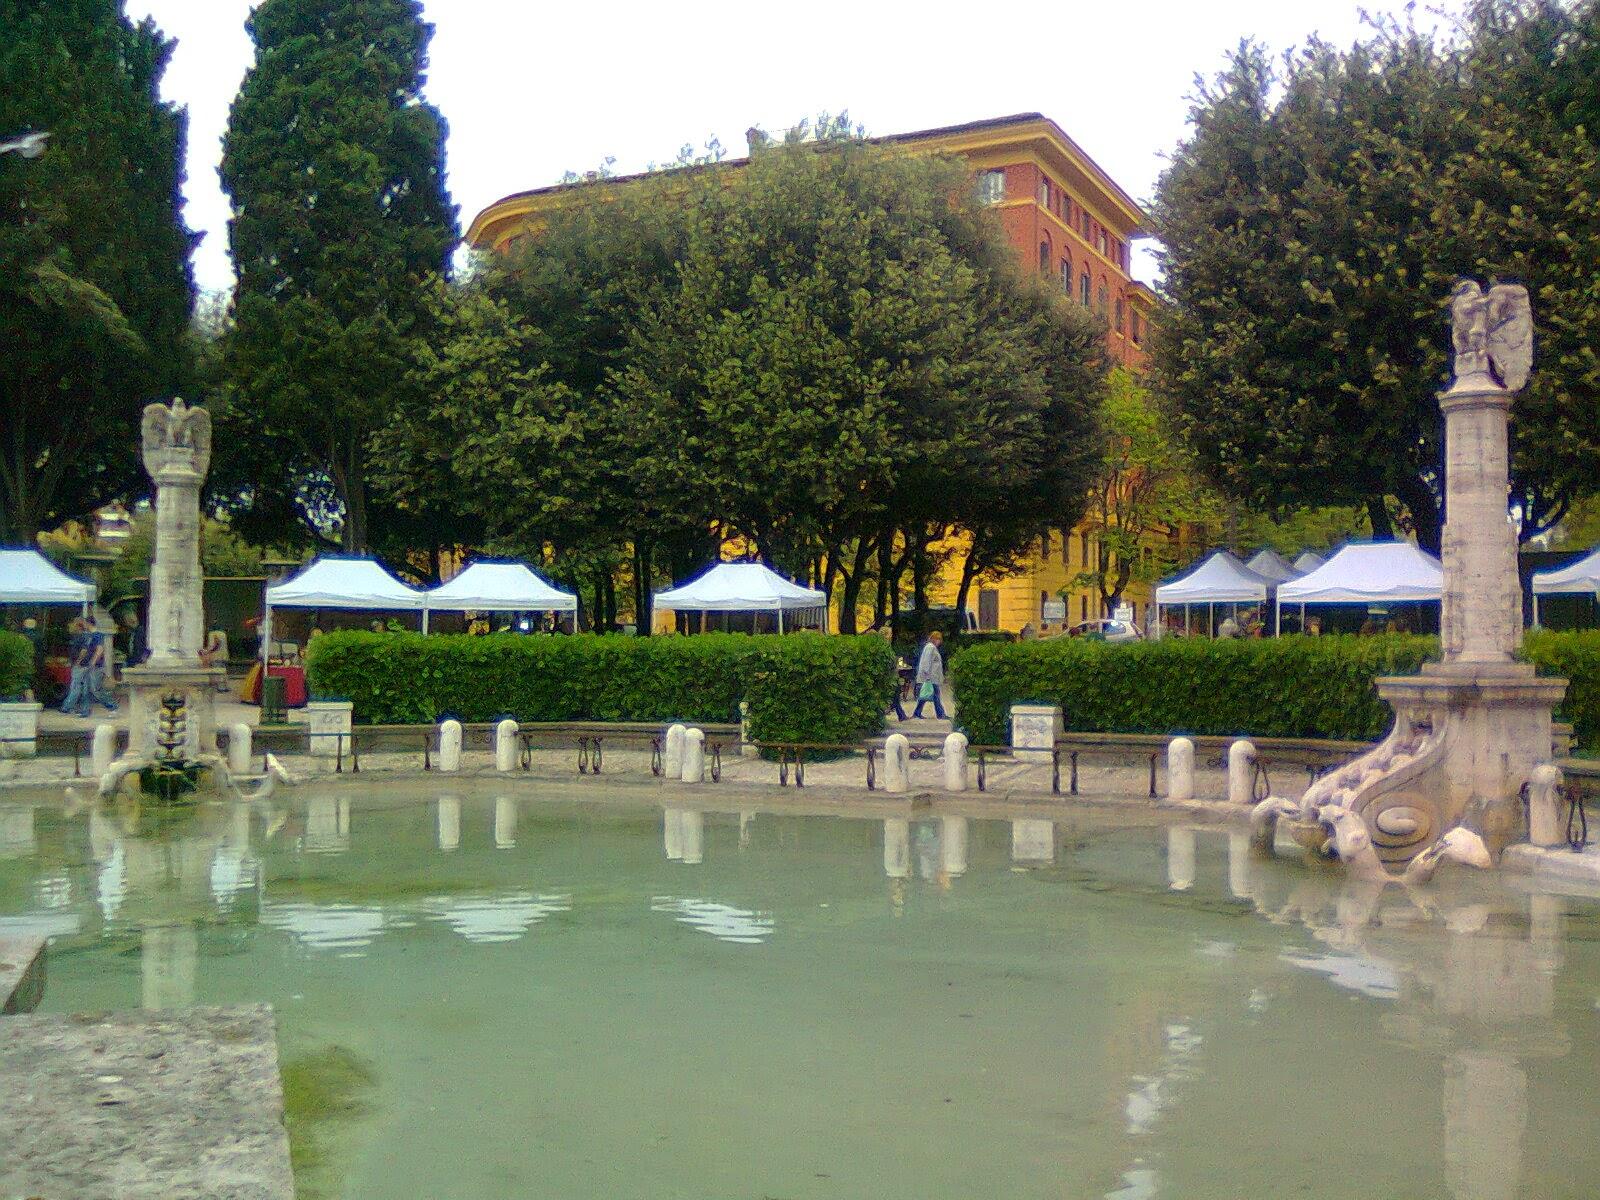 In bici per roma e 39 partito il restauro di piazza mazzini - Mercatino di natale piazza mazzini roma ...